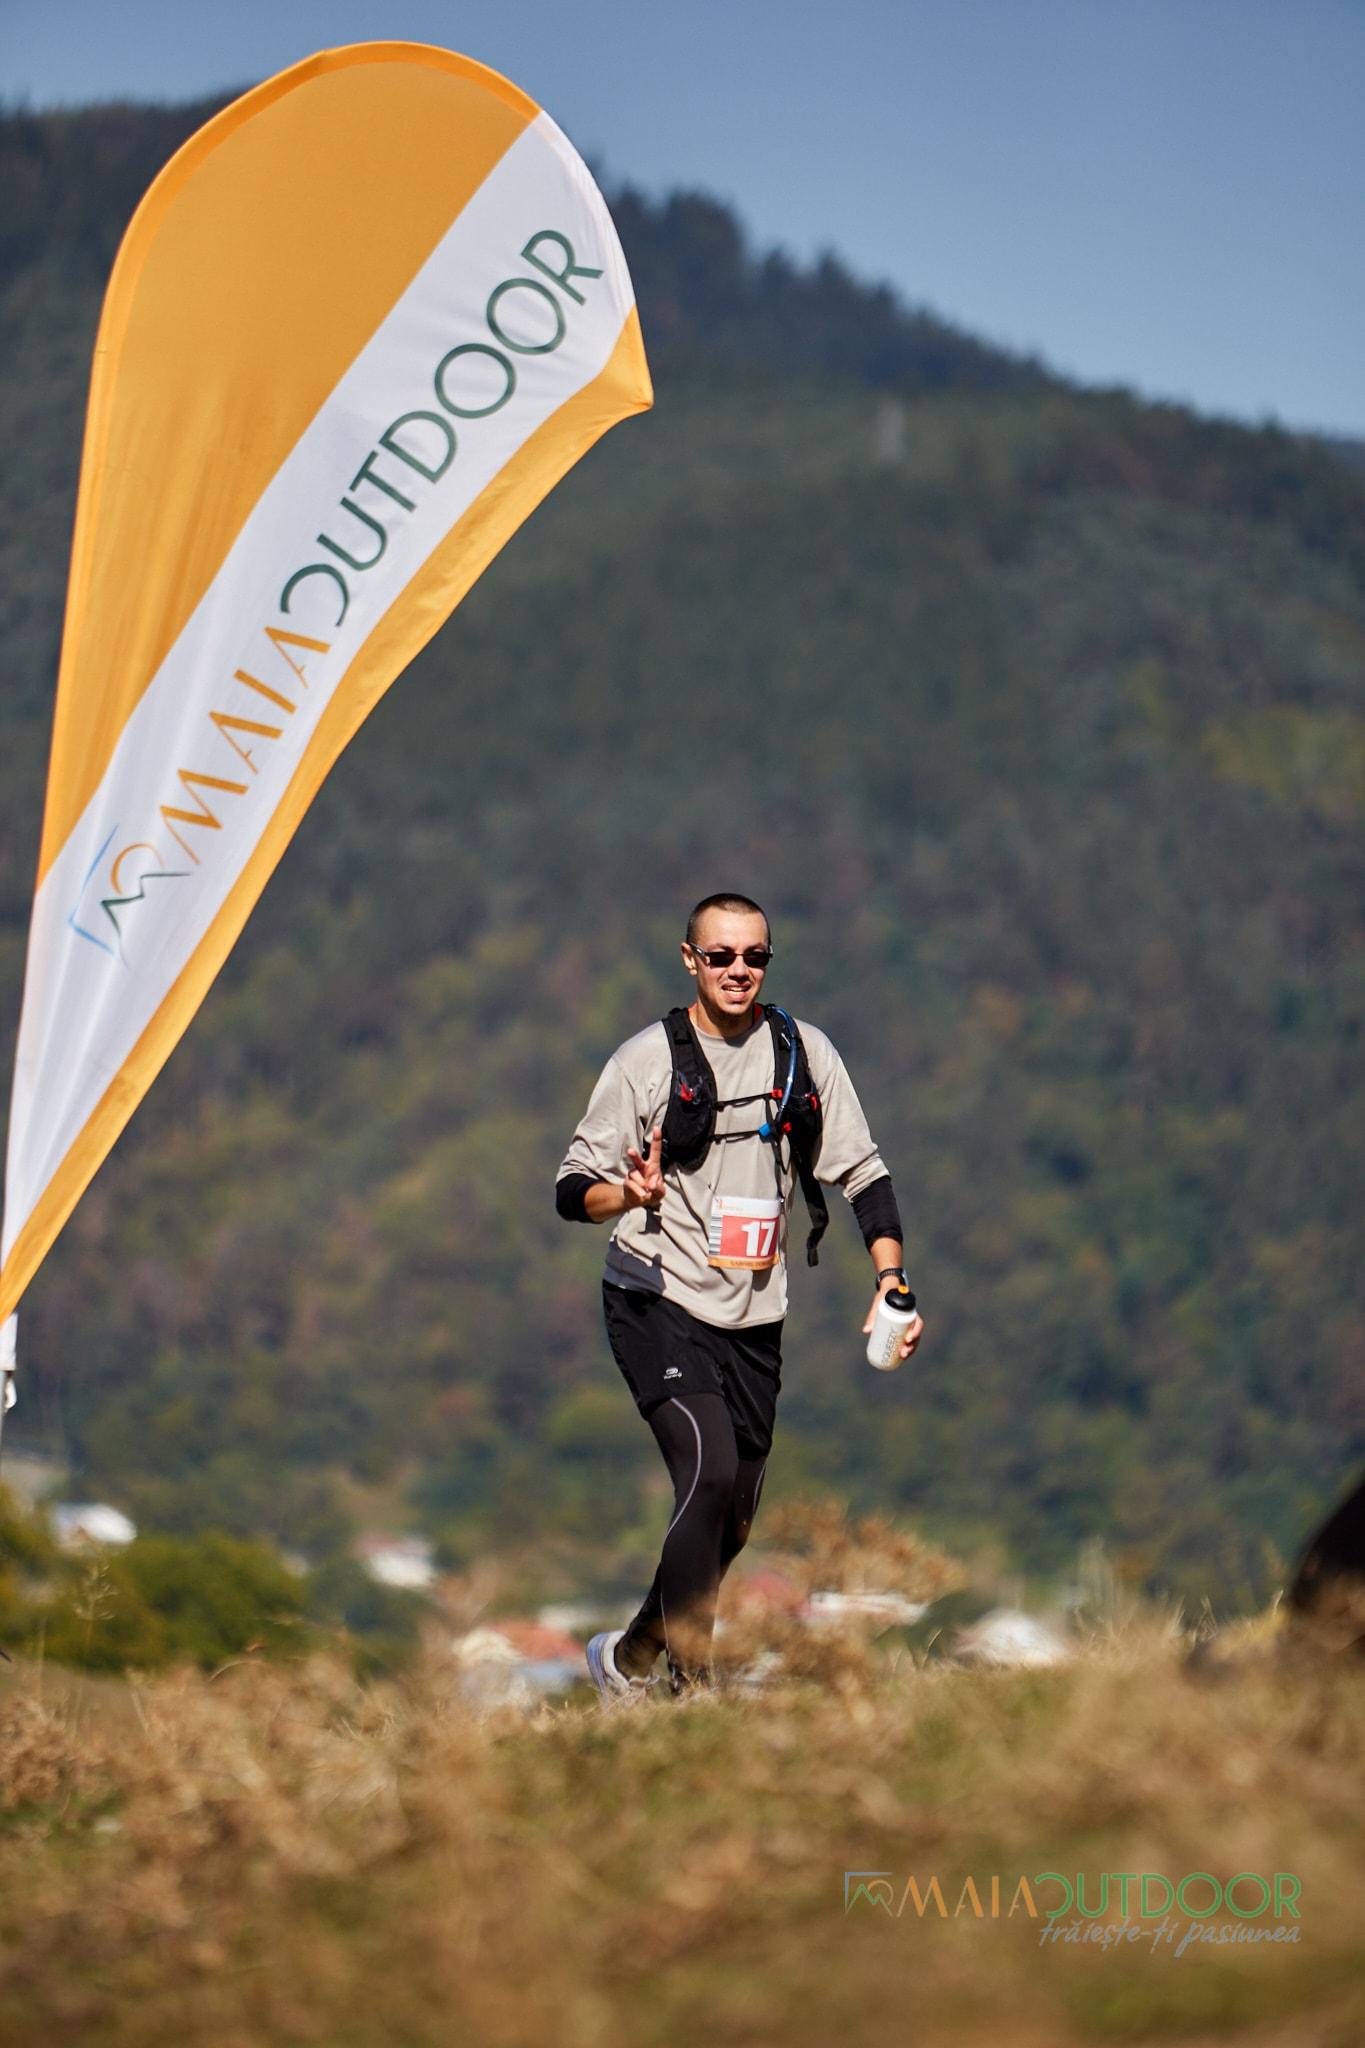 Semimaraton_Curtea_Domneasca_MaiaOutdoor.ro_IMG_6477-min